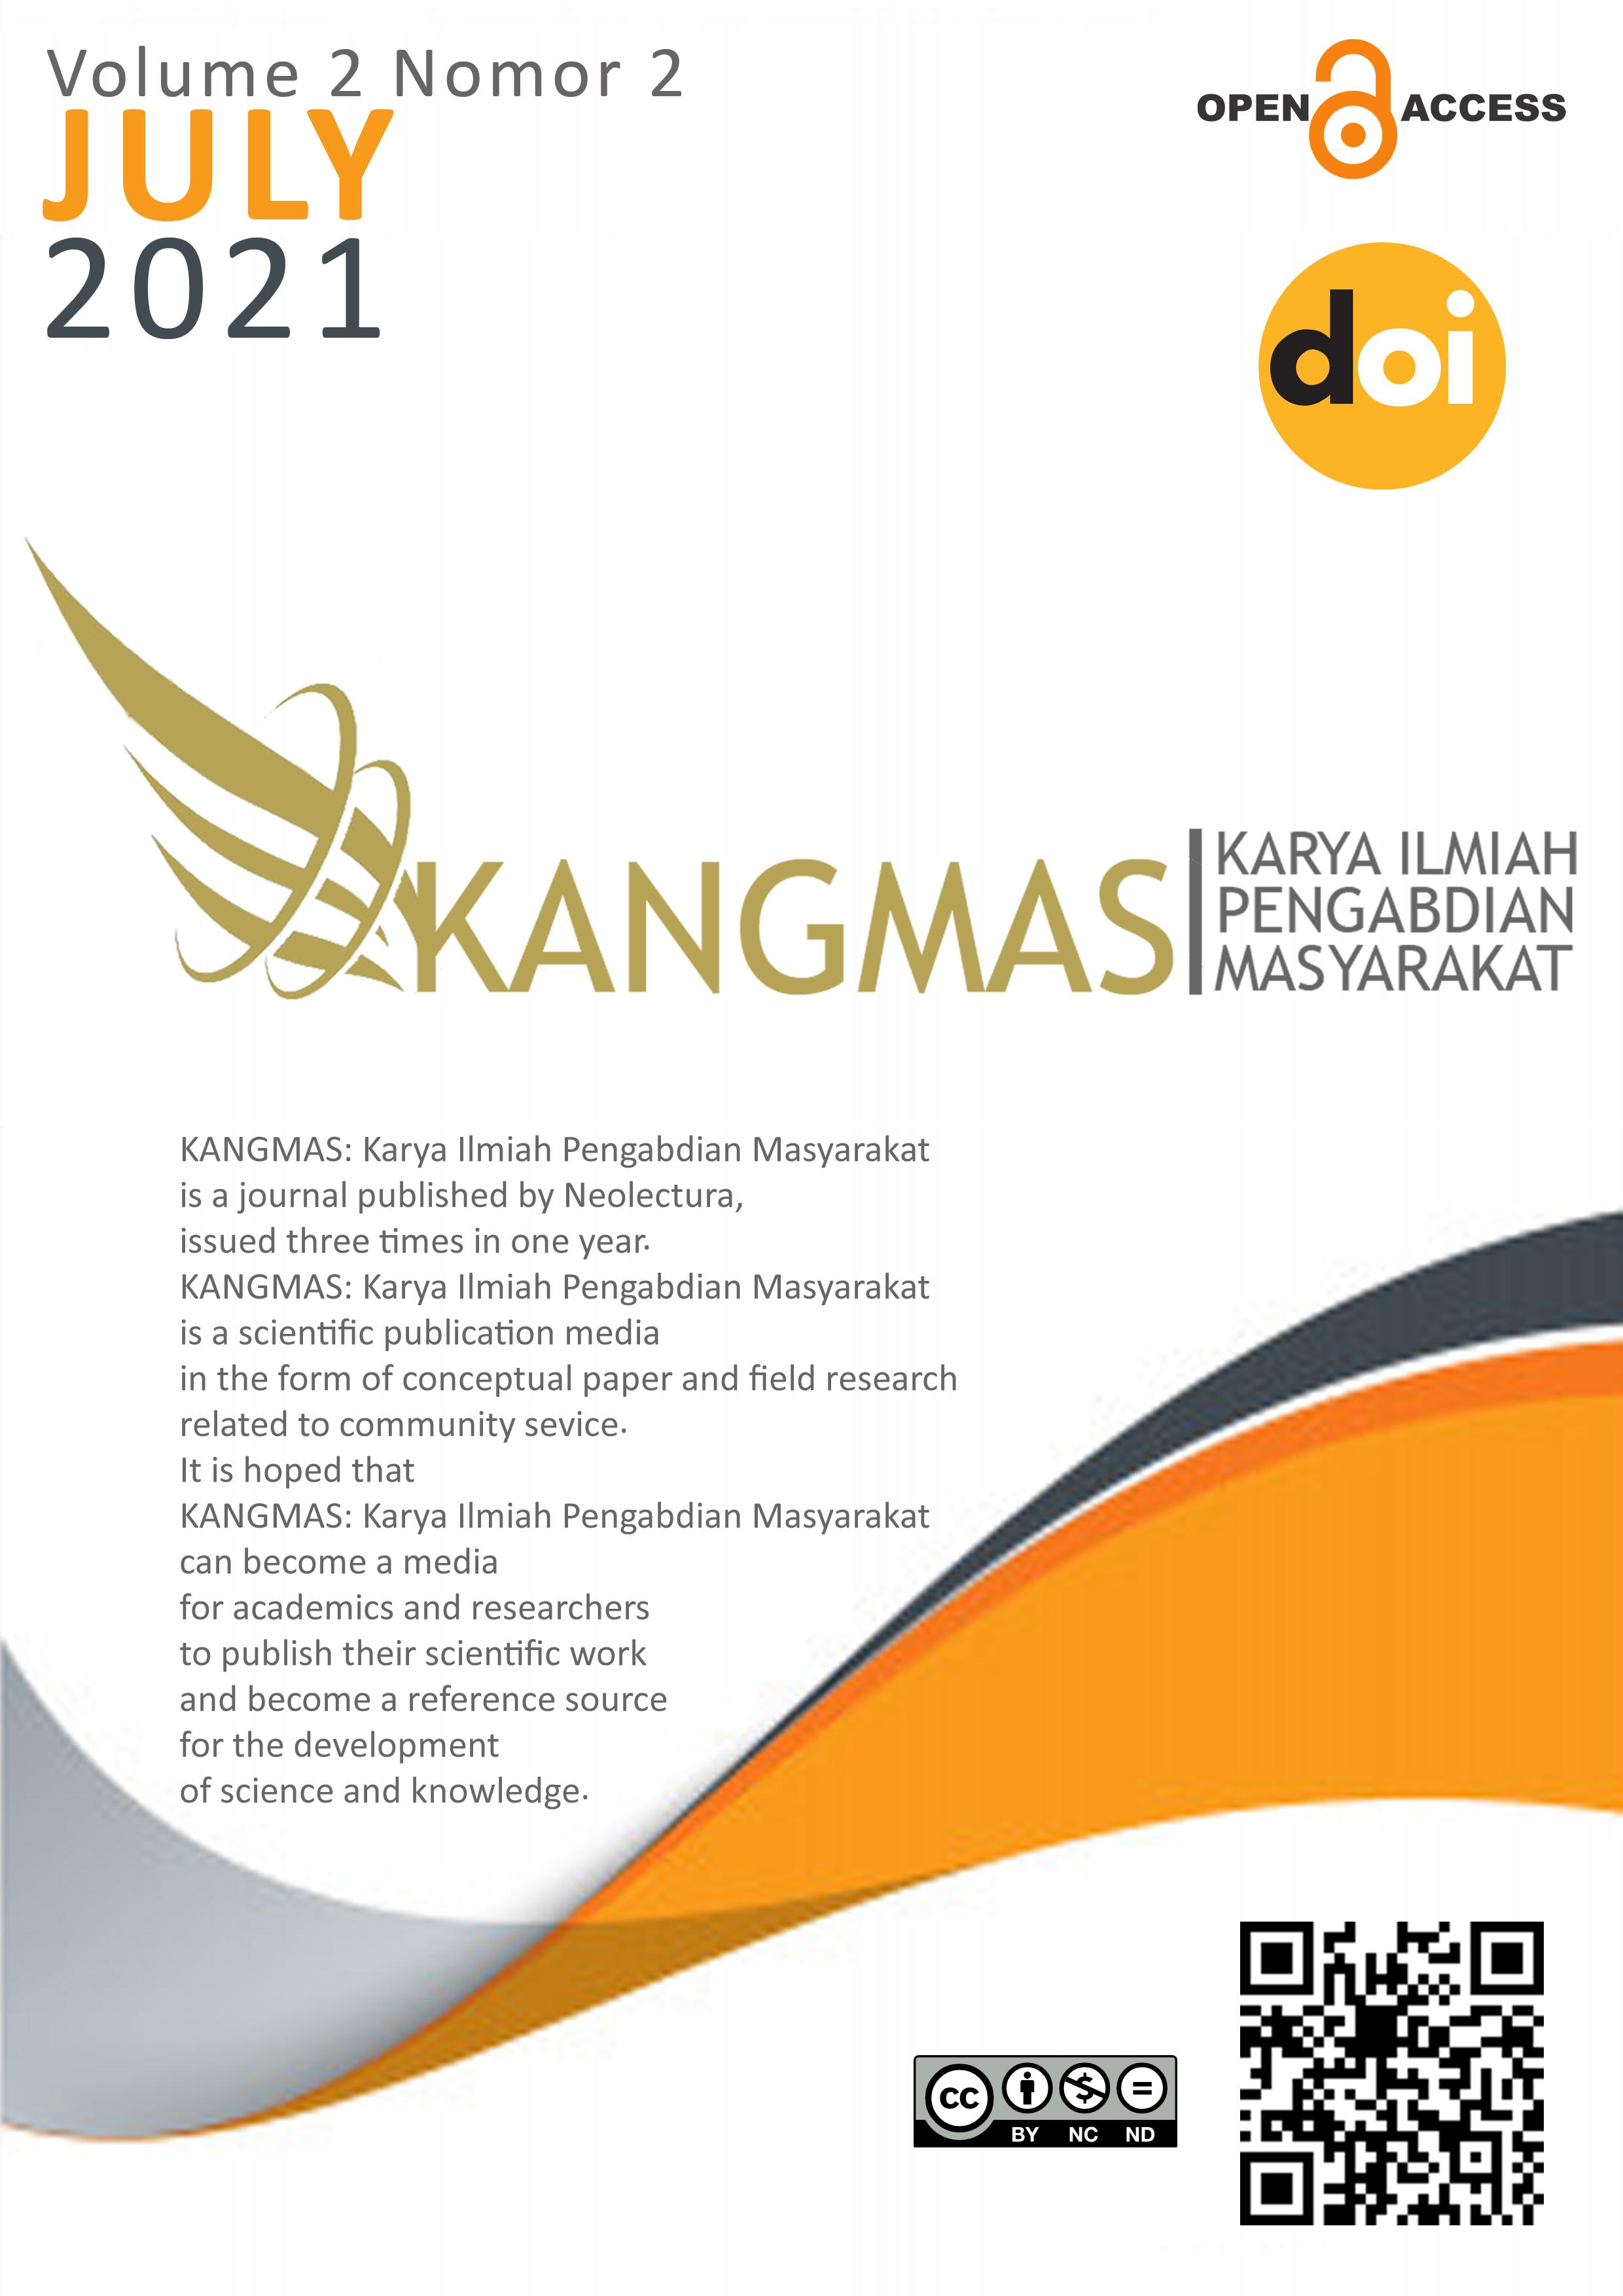 View Vol. 2 No. 2 (2021): KANGMAS: Karya Ilmiah Pengabdian Masyarakat